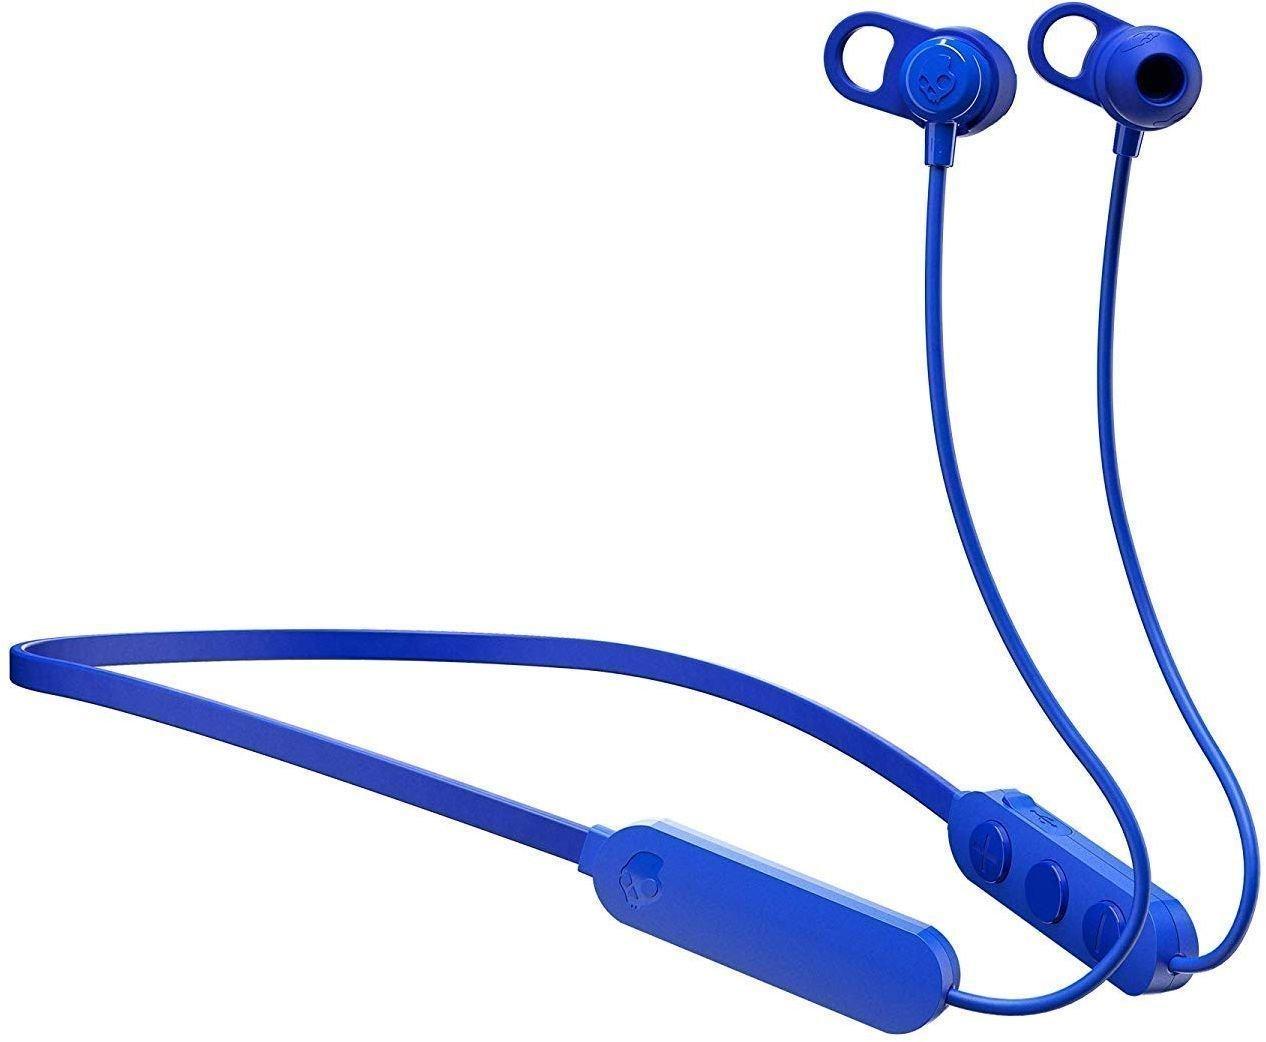 Skullcandy Wireless Earbuds Walmart